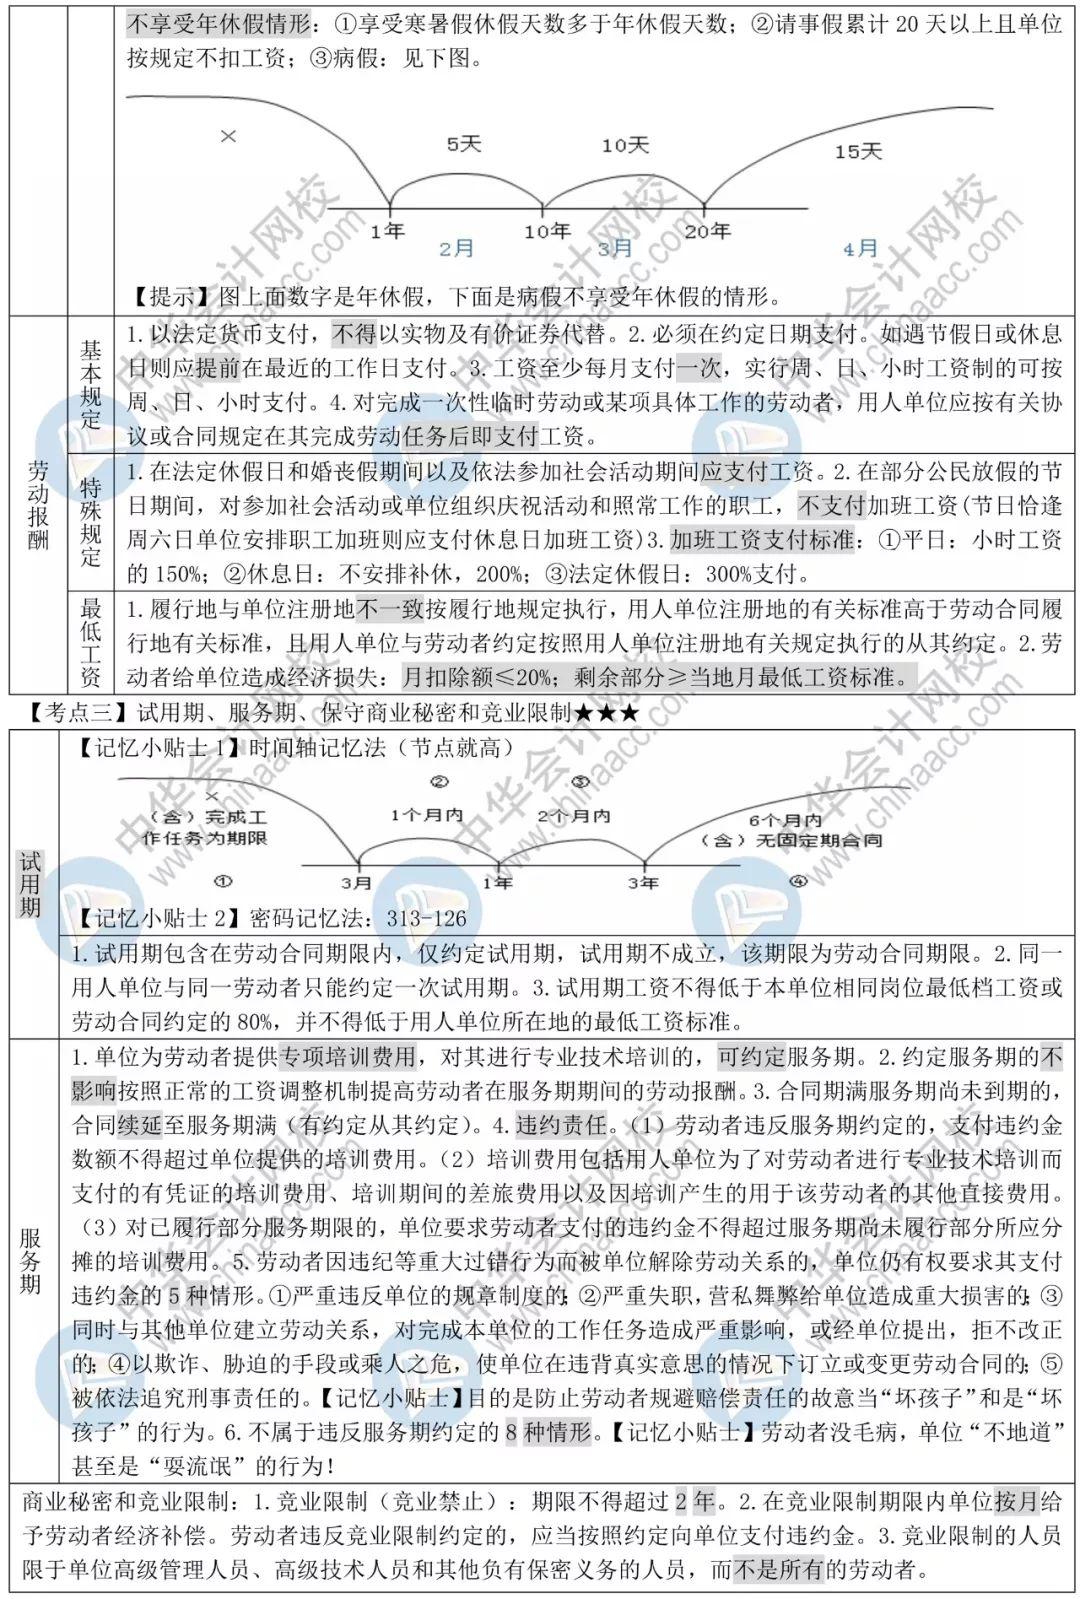 19年经济法基础讲义_...迫记忆再提分 2019年初级 经济法基础 救命讲义 来了